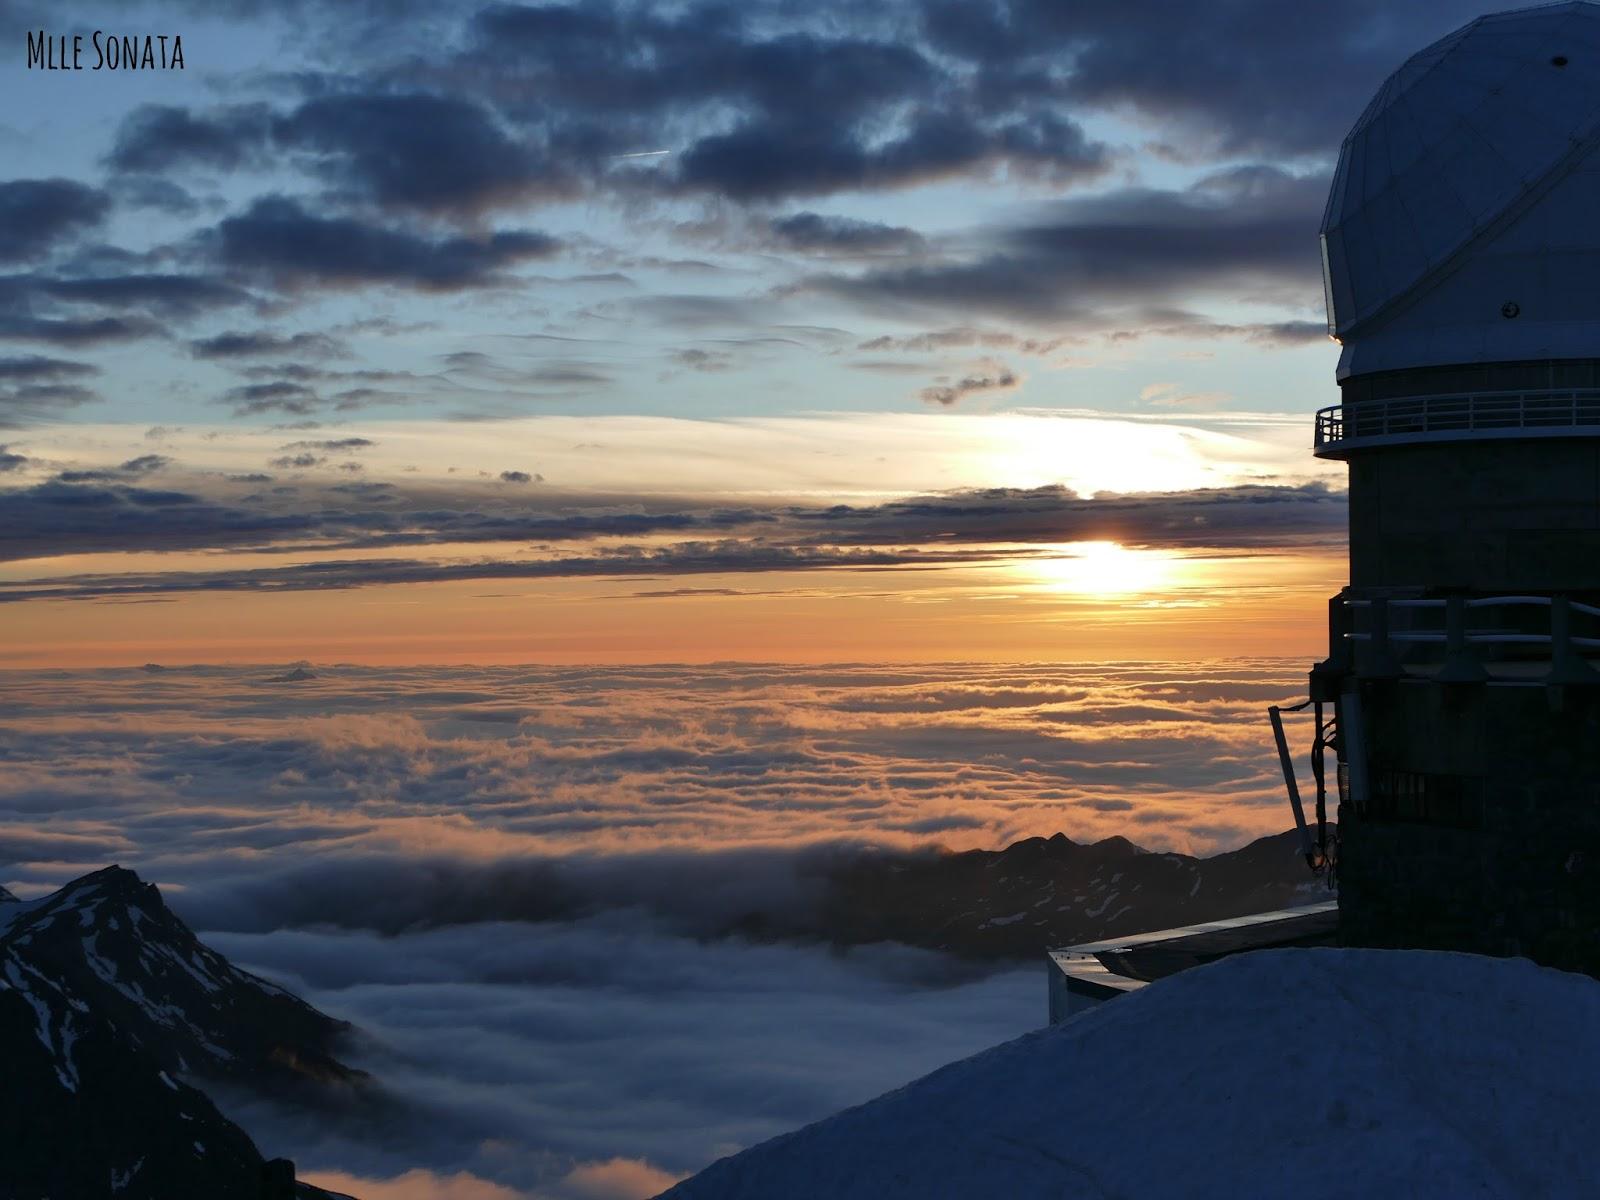 Coucher de soleil vue du Pic du Midi. Mer de nuage.